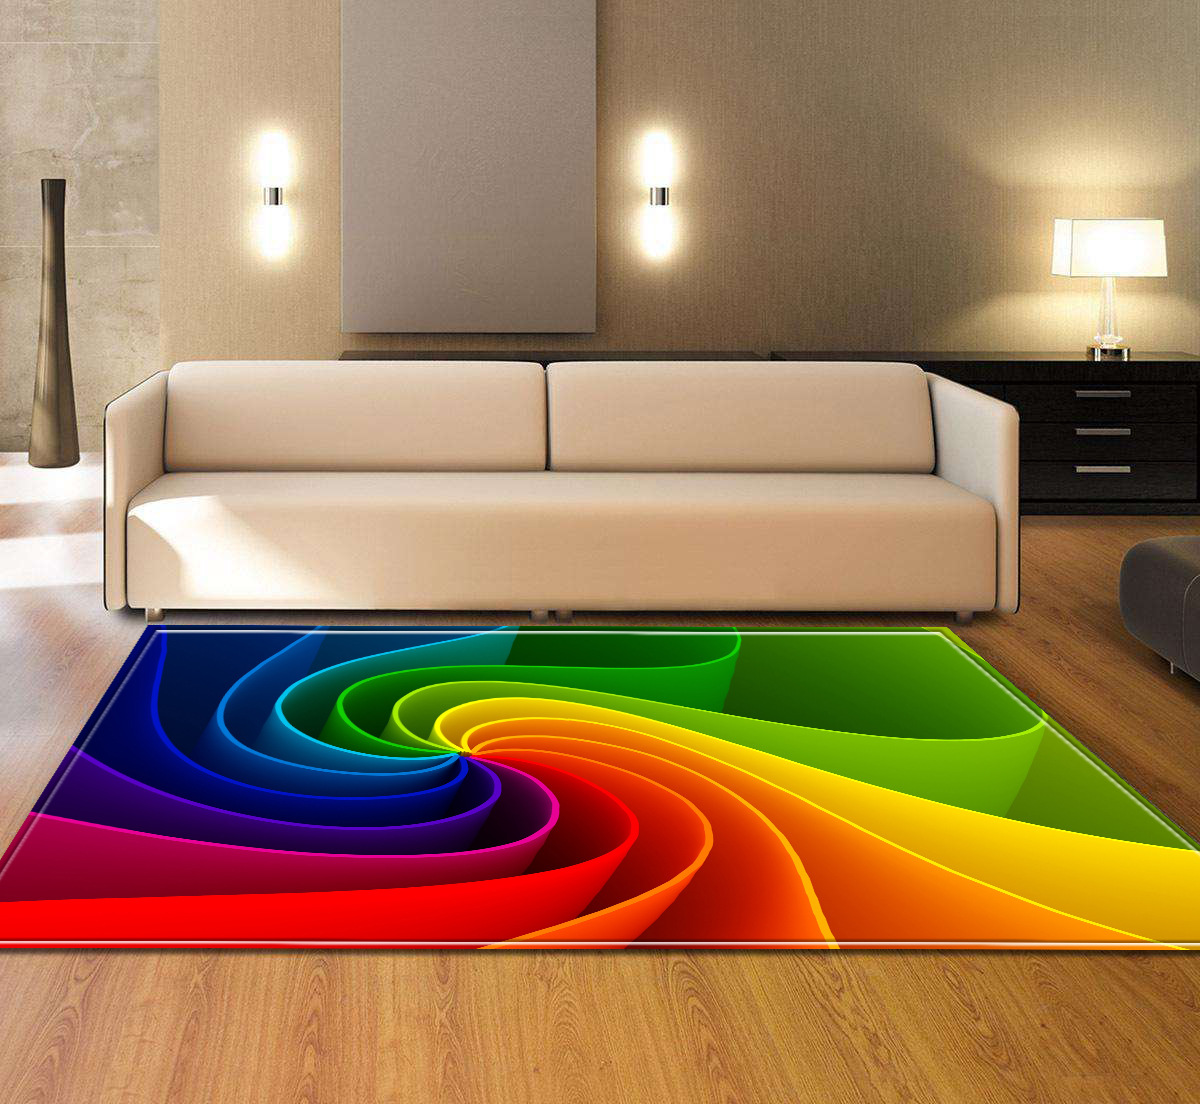 Tapis rayés colorés de modèle pour des tapis de grande taille de salon la mode moderne 3D a imprimé le tapis antidérapant de sofa de table basse de tapis